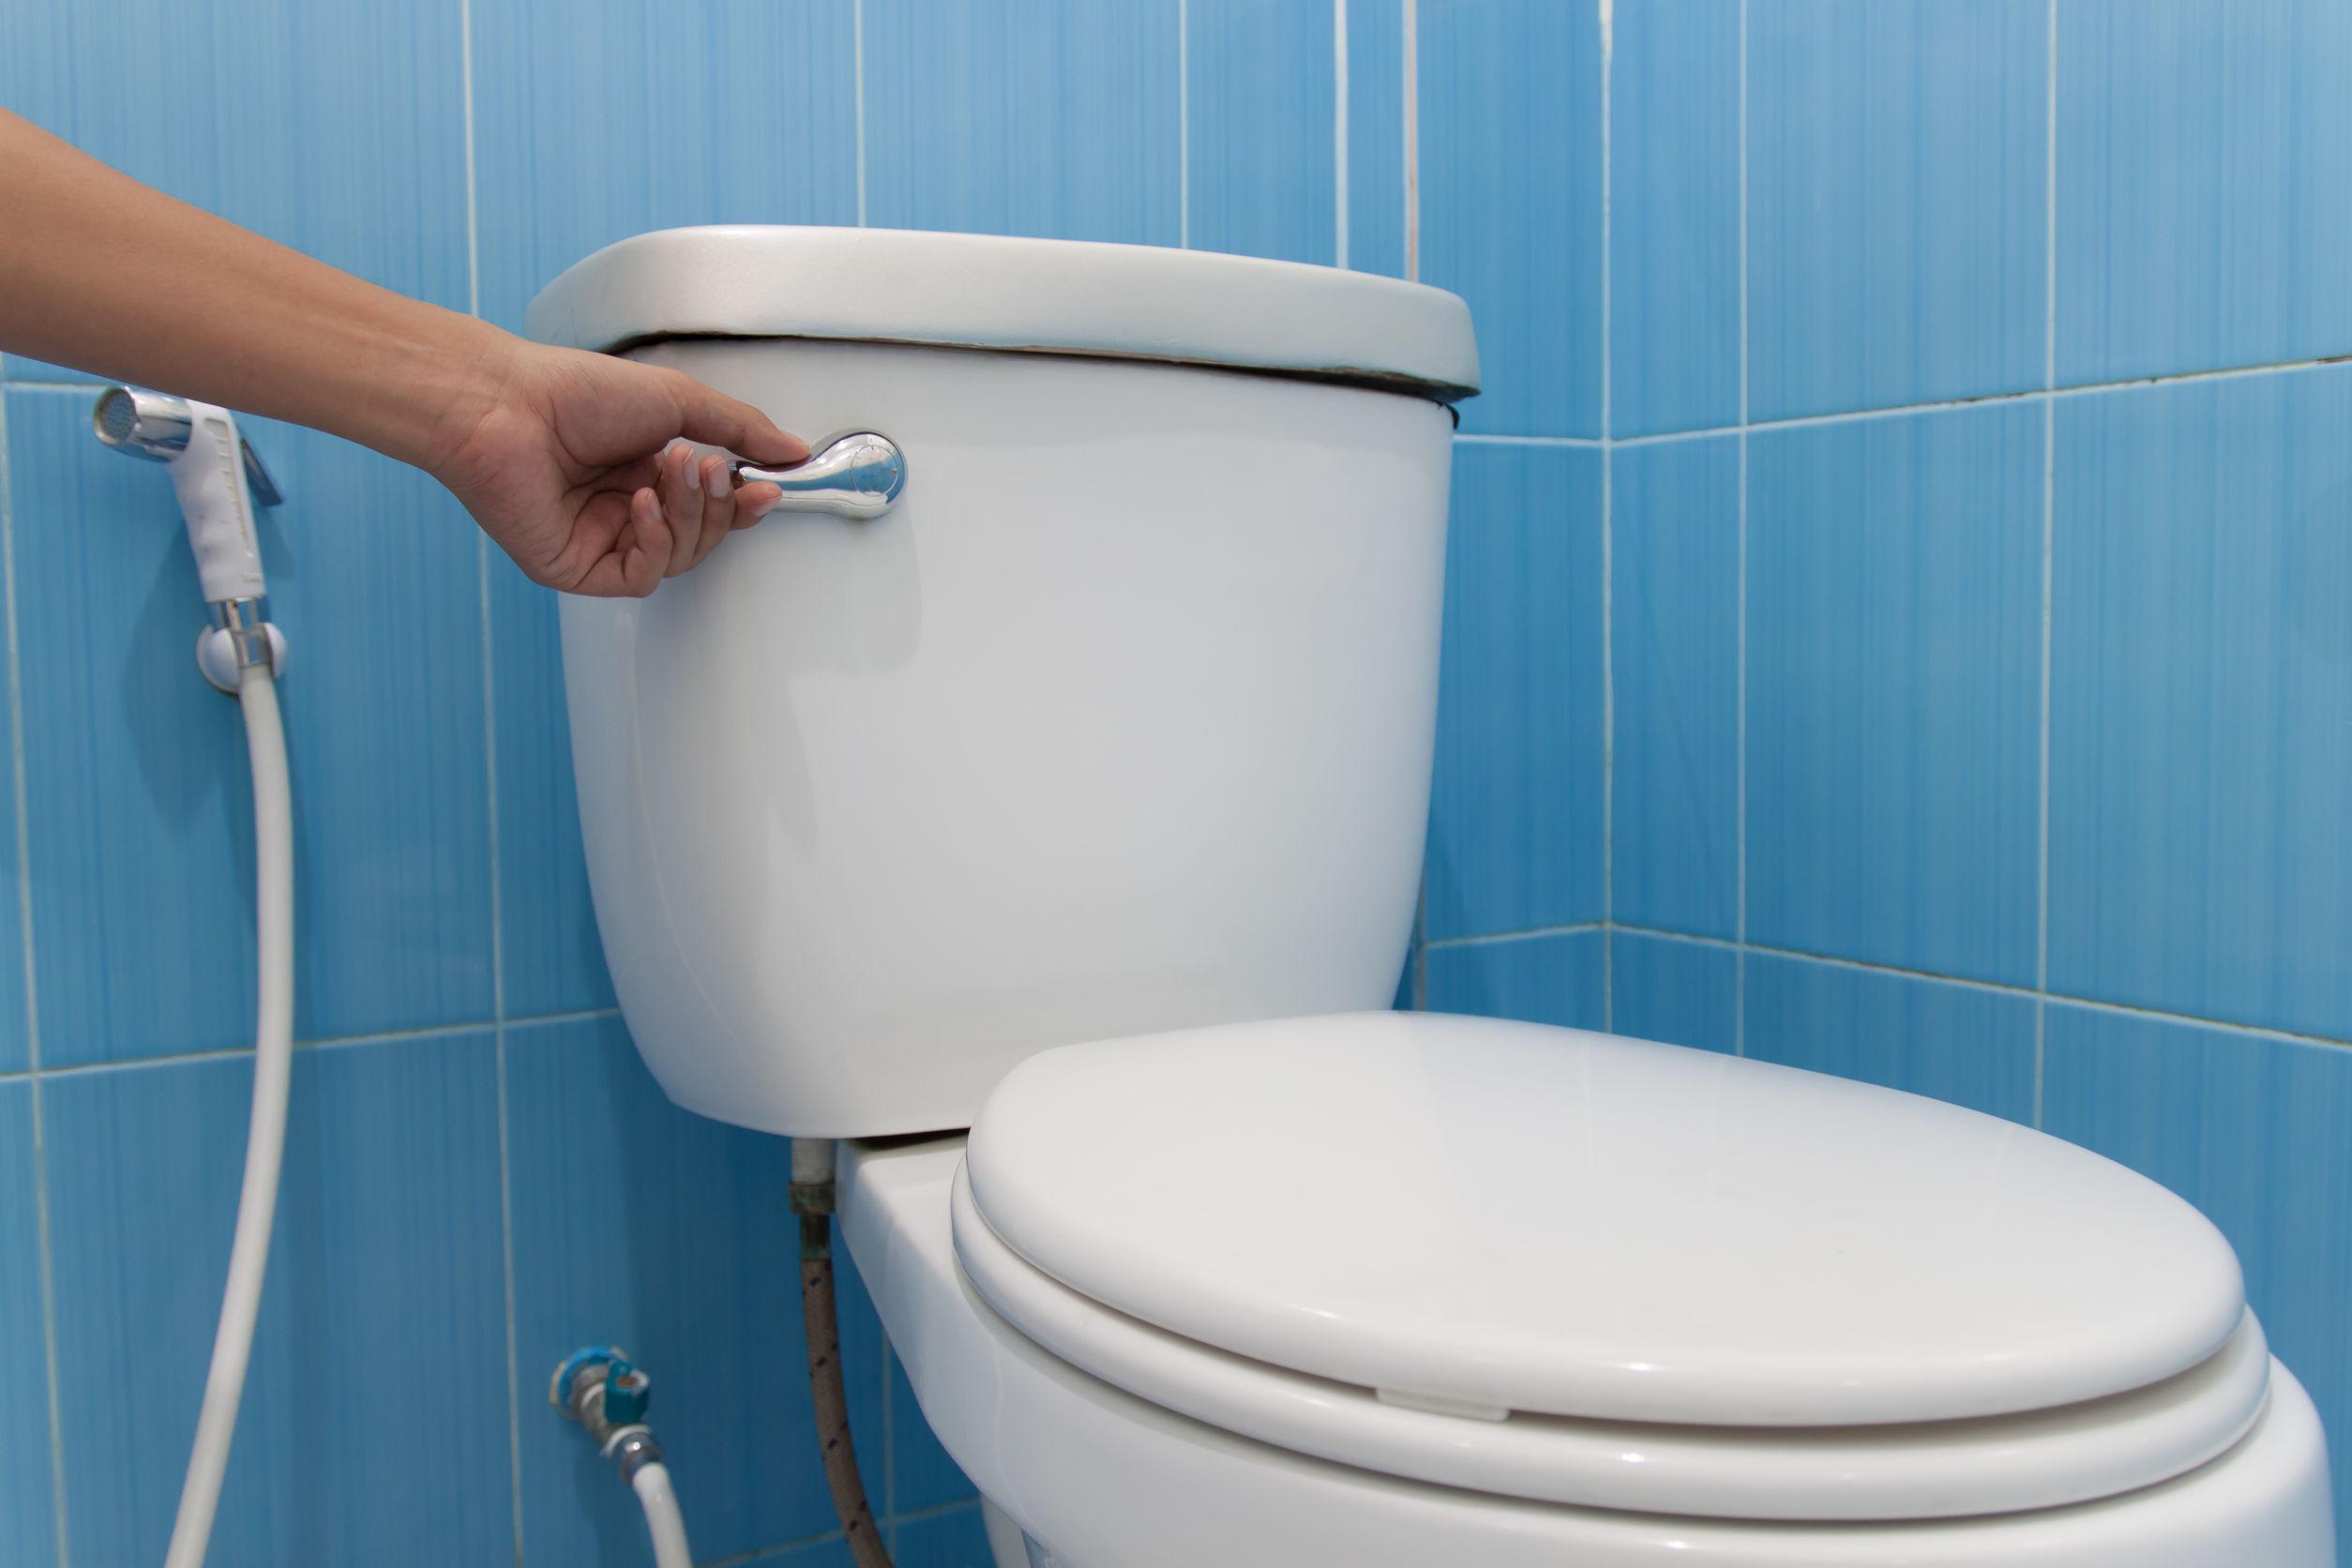 Imagem de pessoa acionando uma válvula de descarga acoplada